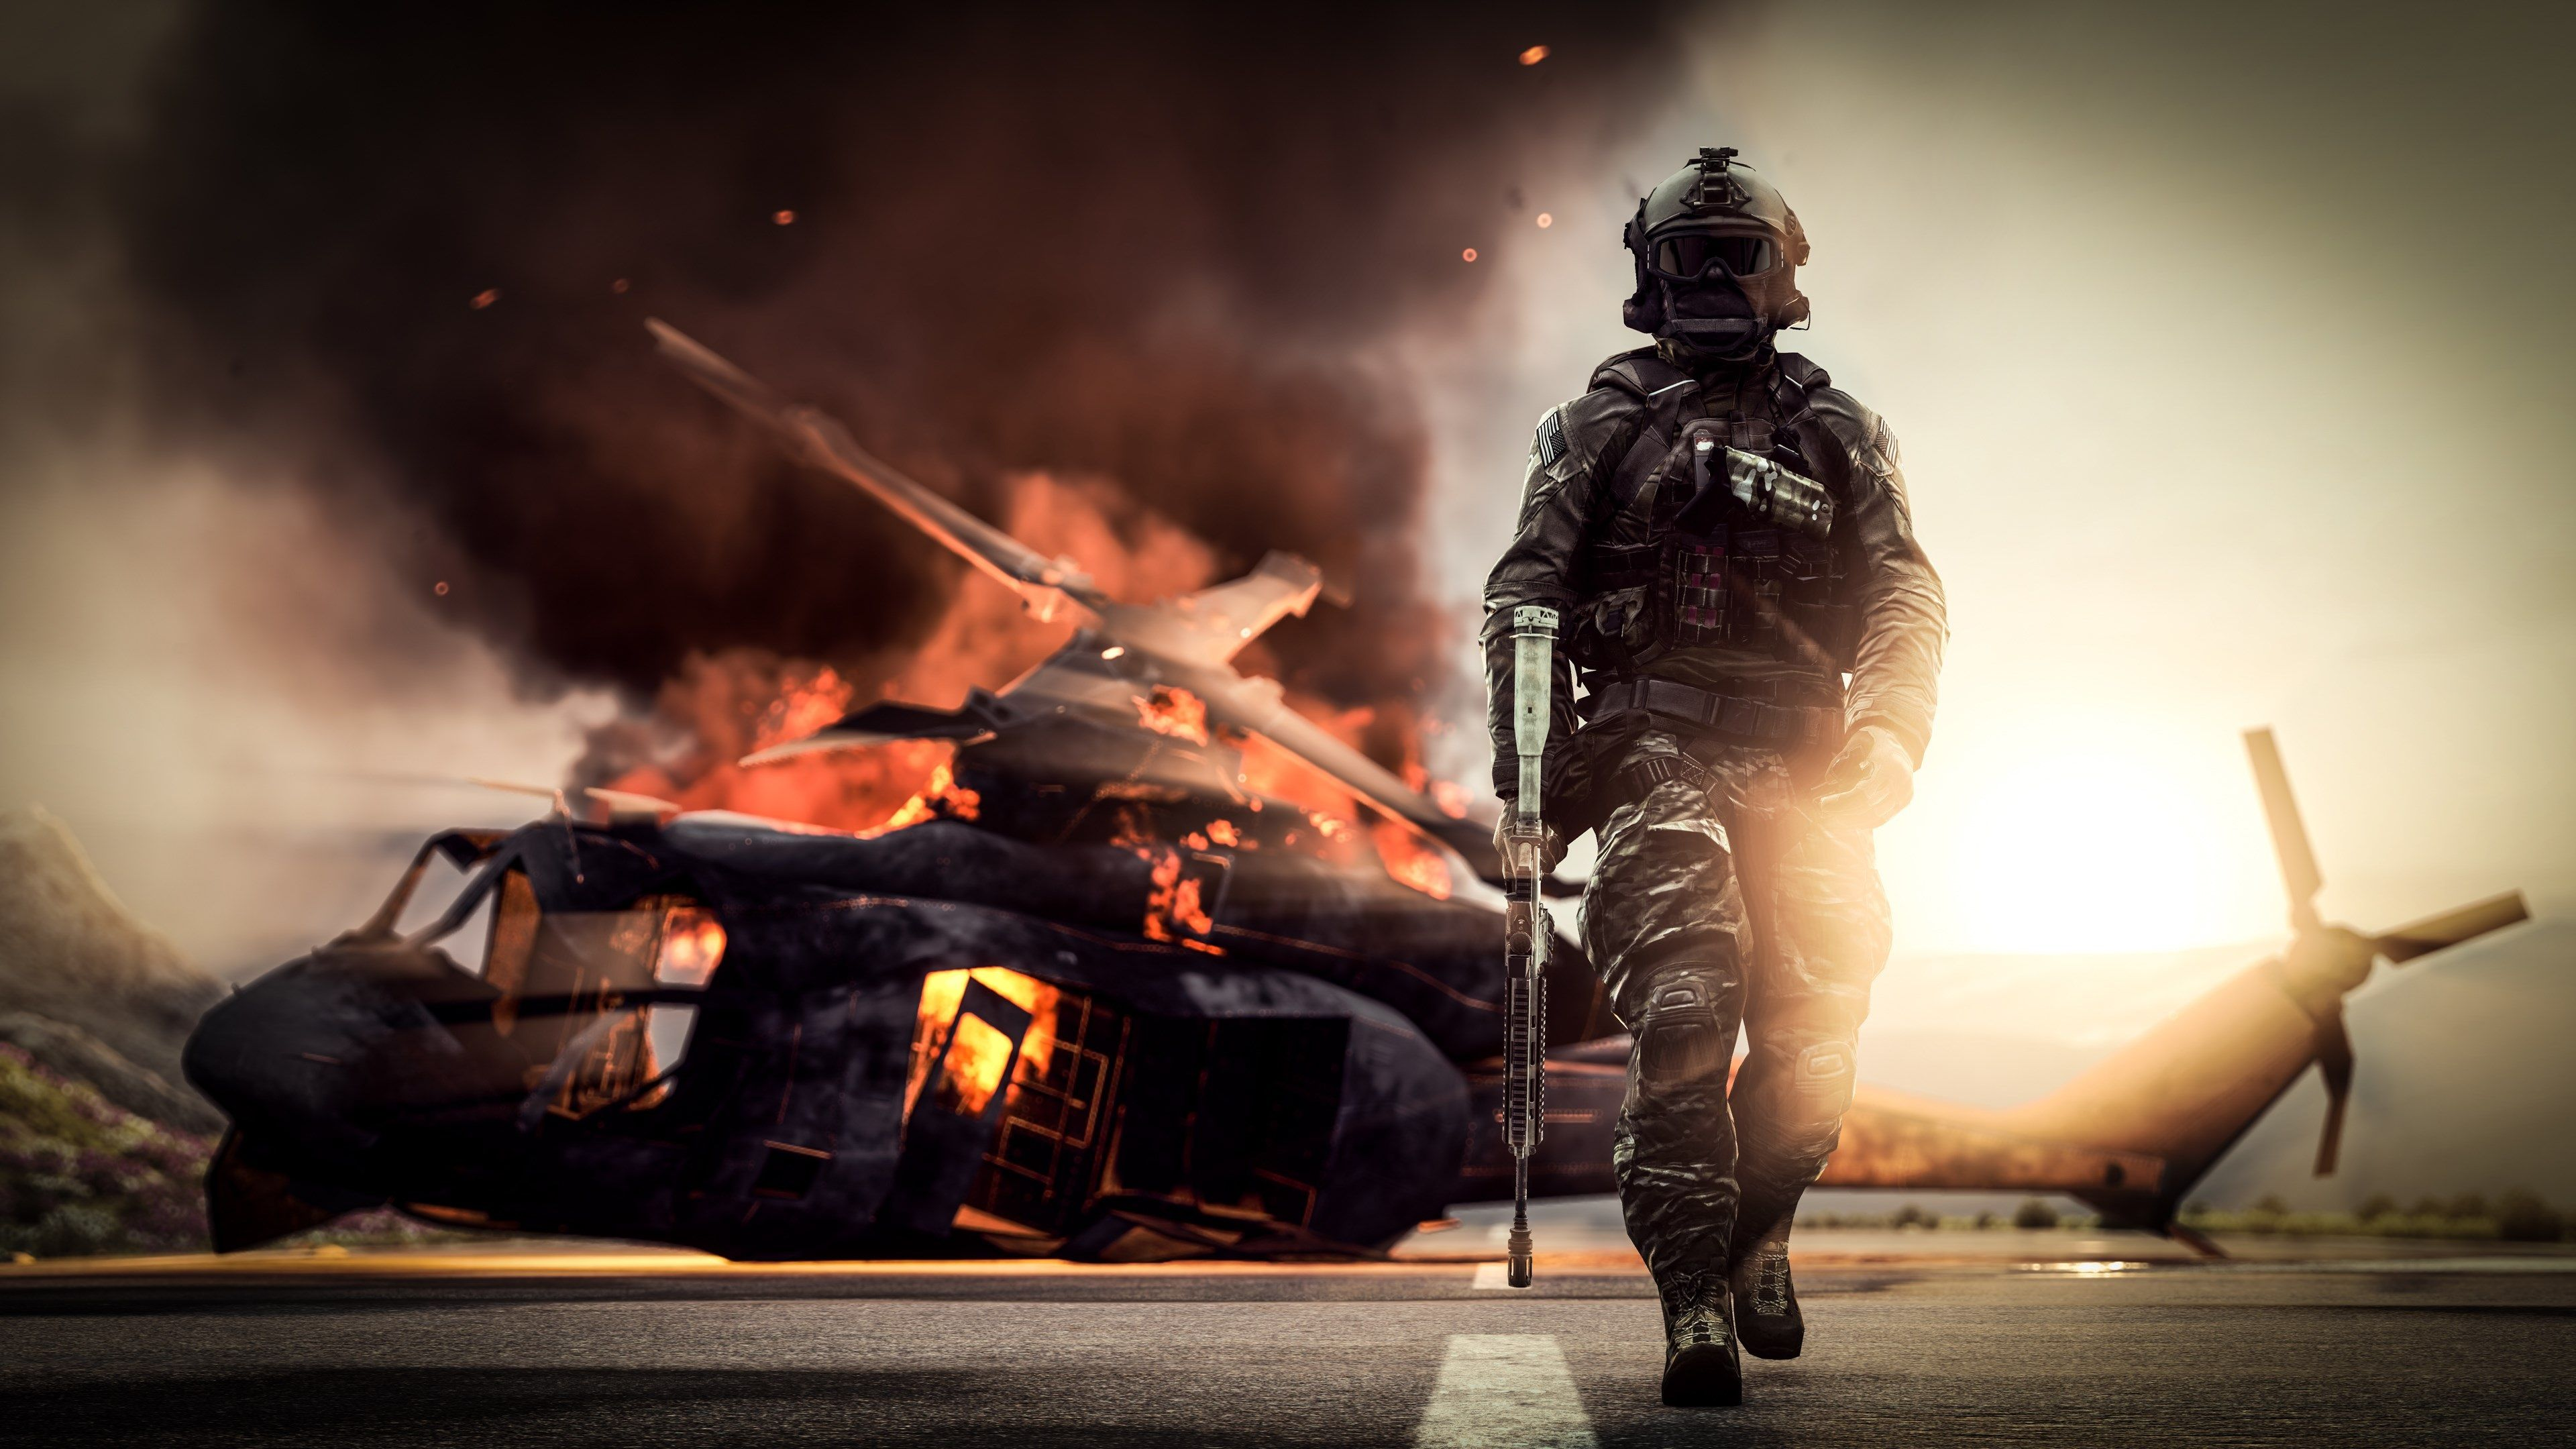 3840x2160 Battlefield 4 4k Hd Background Wallpaper Free Download In 2020 Battlefield 4 Battlefield Solider